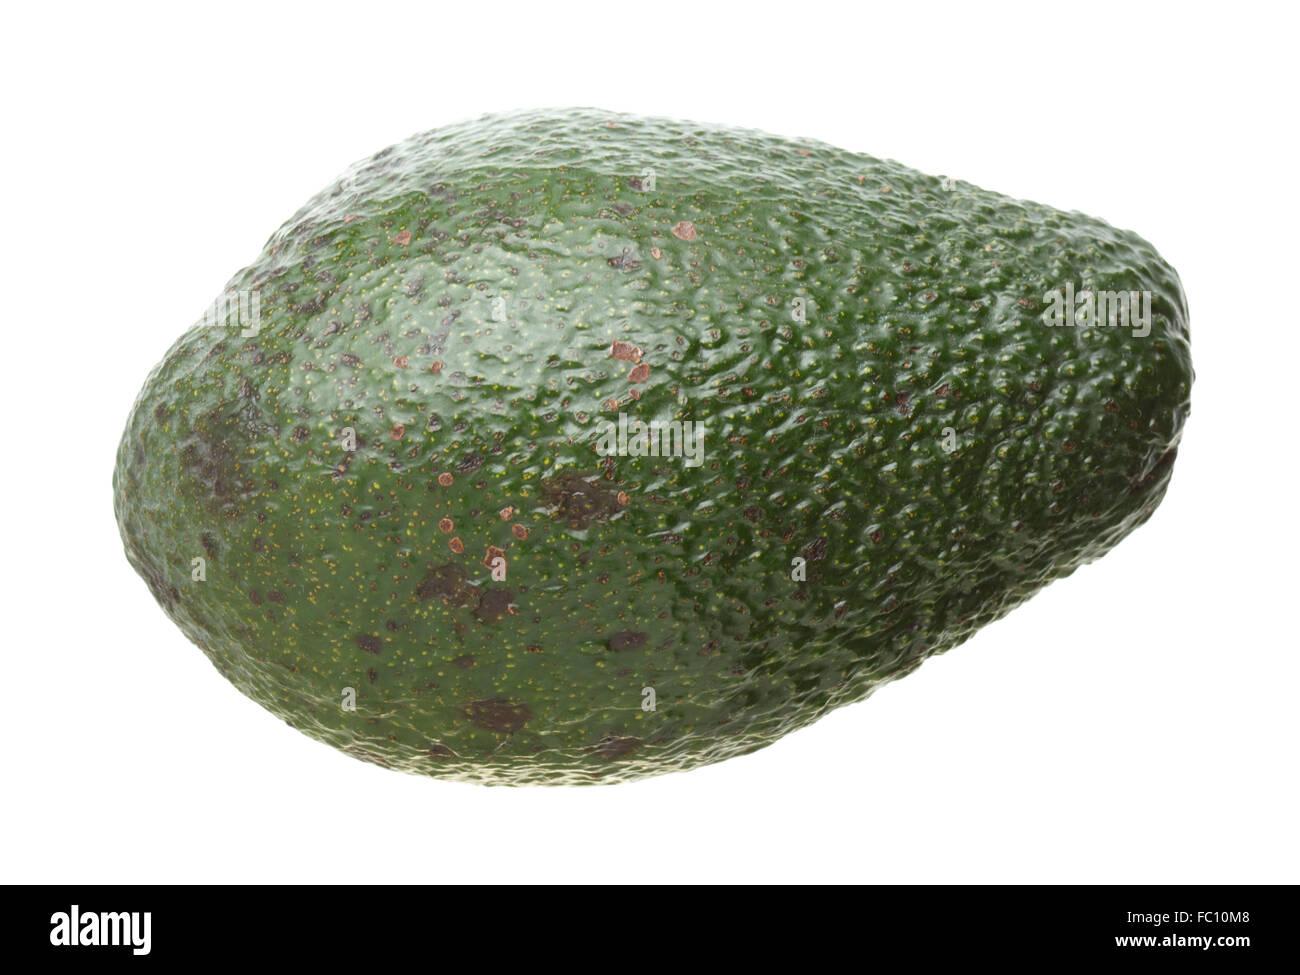 Avocado isolated on white - Stock Image